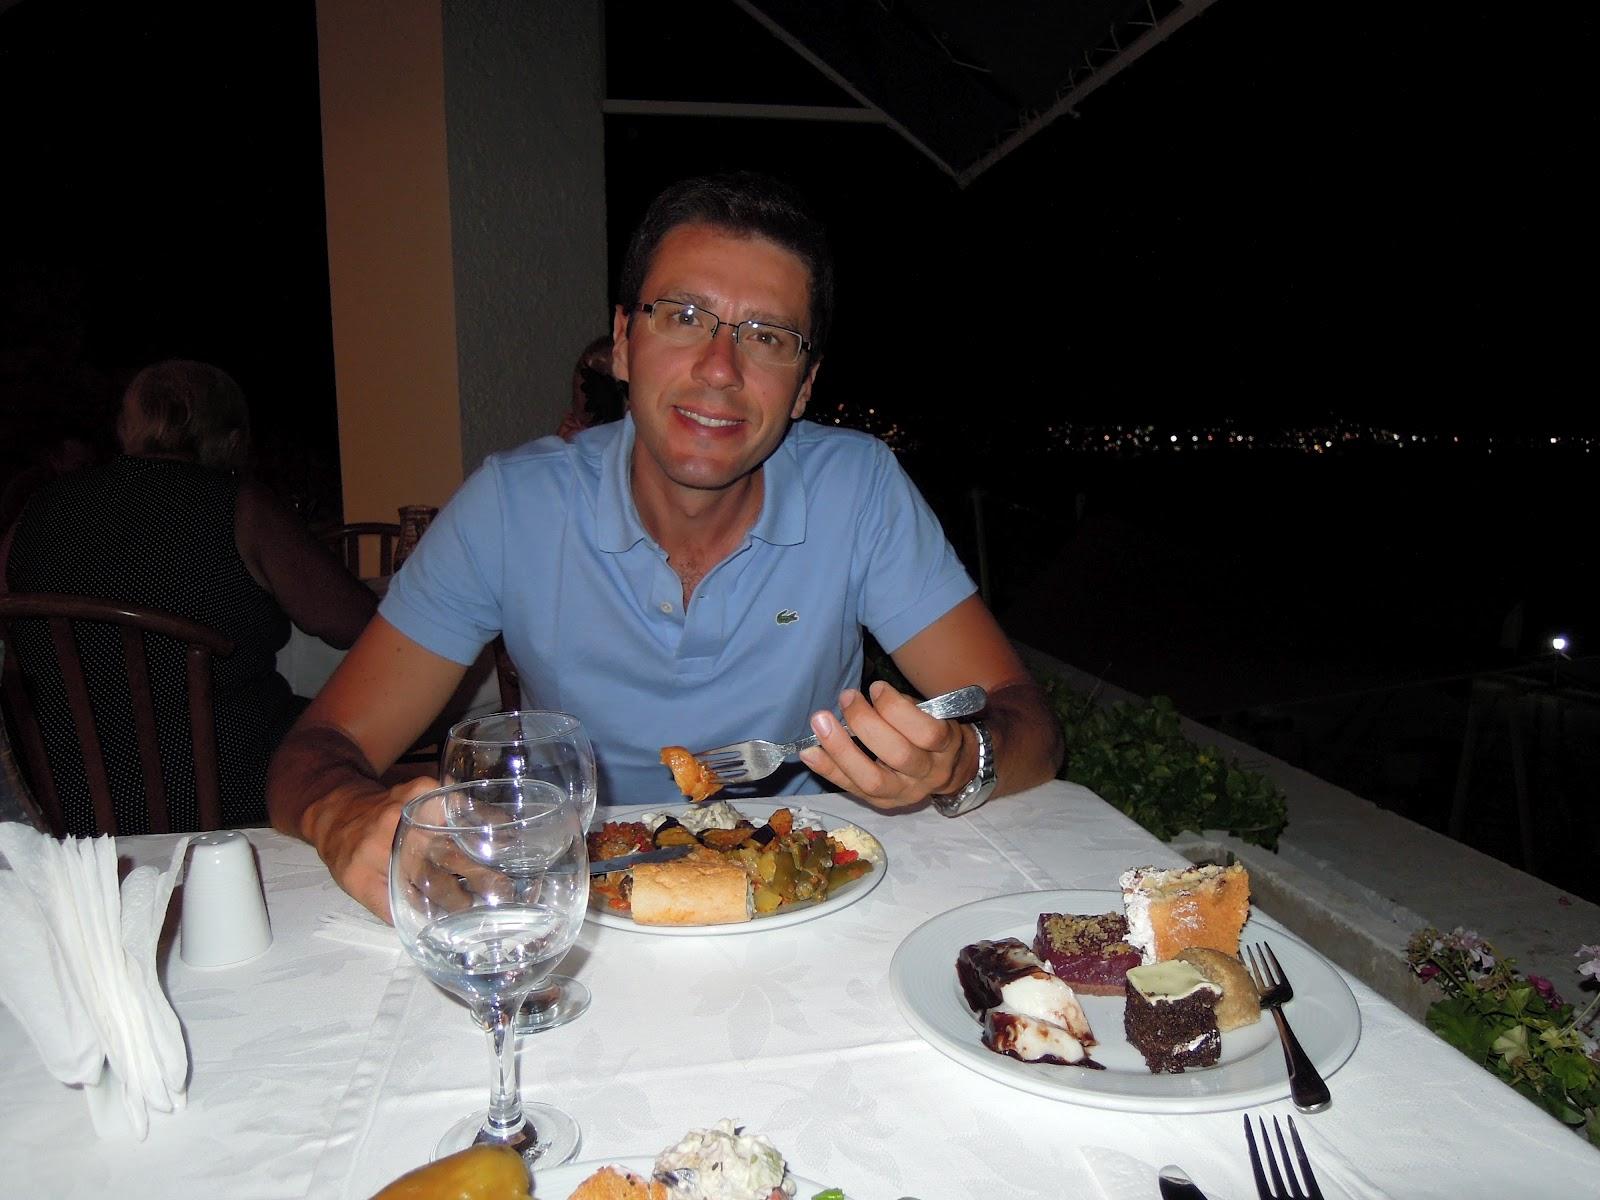 Dieta e Nutrizione Dr Bianchini La mia dieta in vacanza